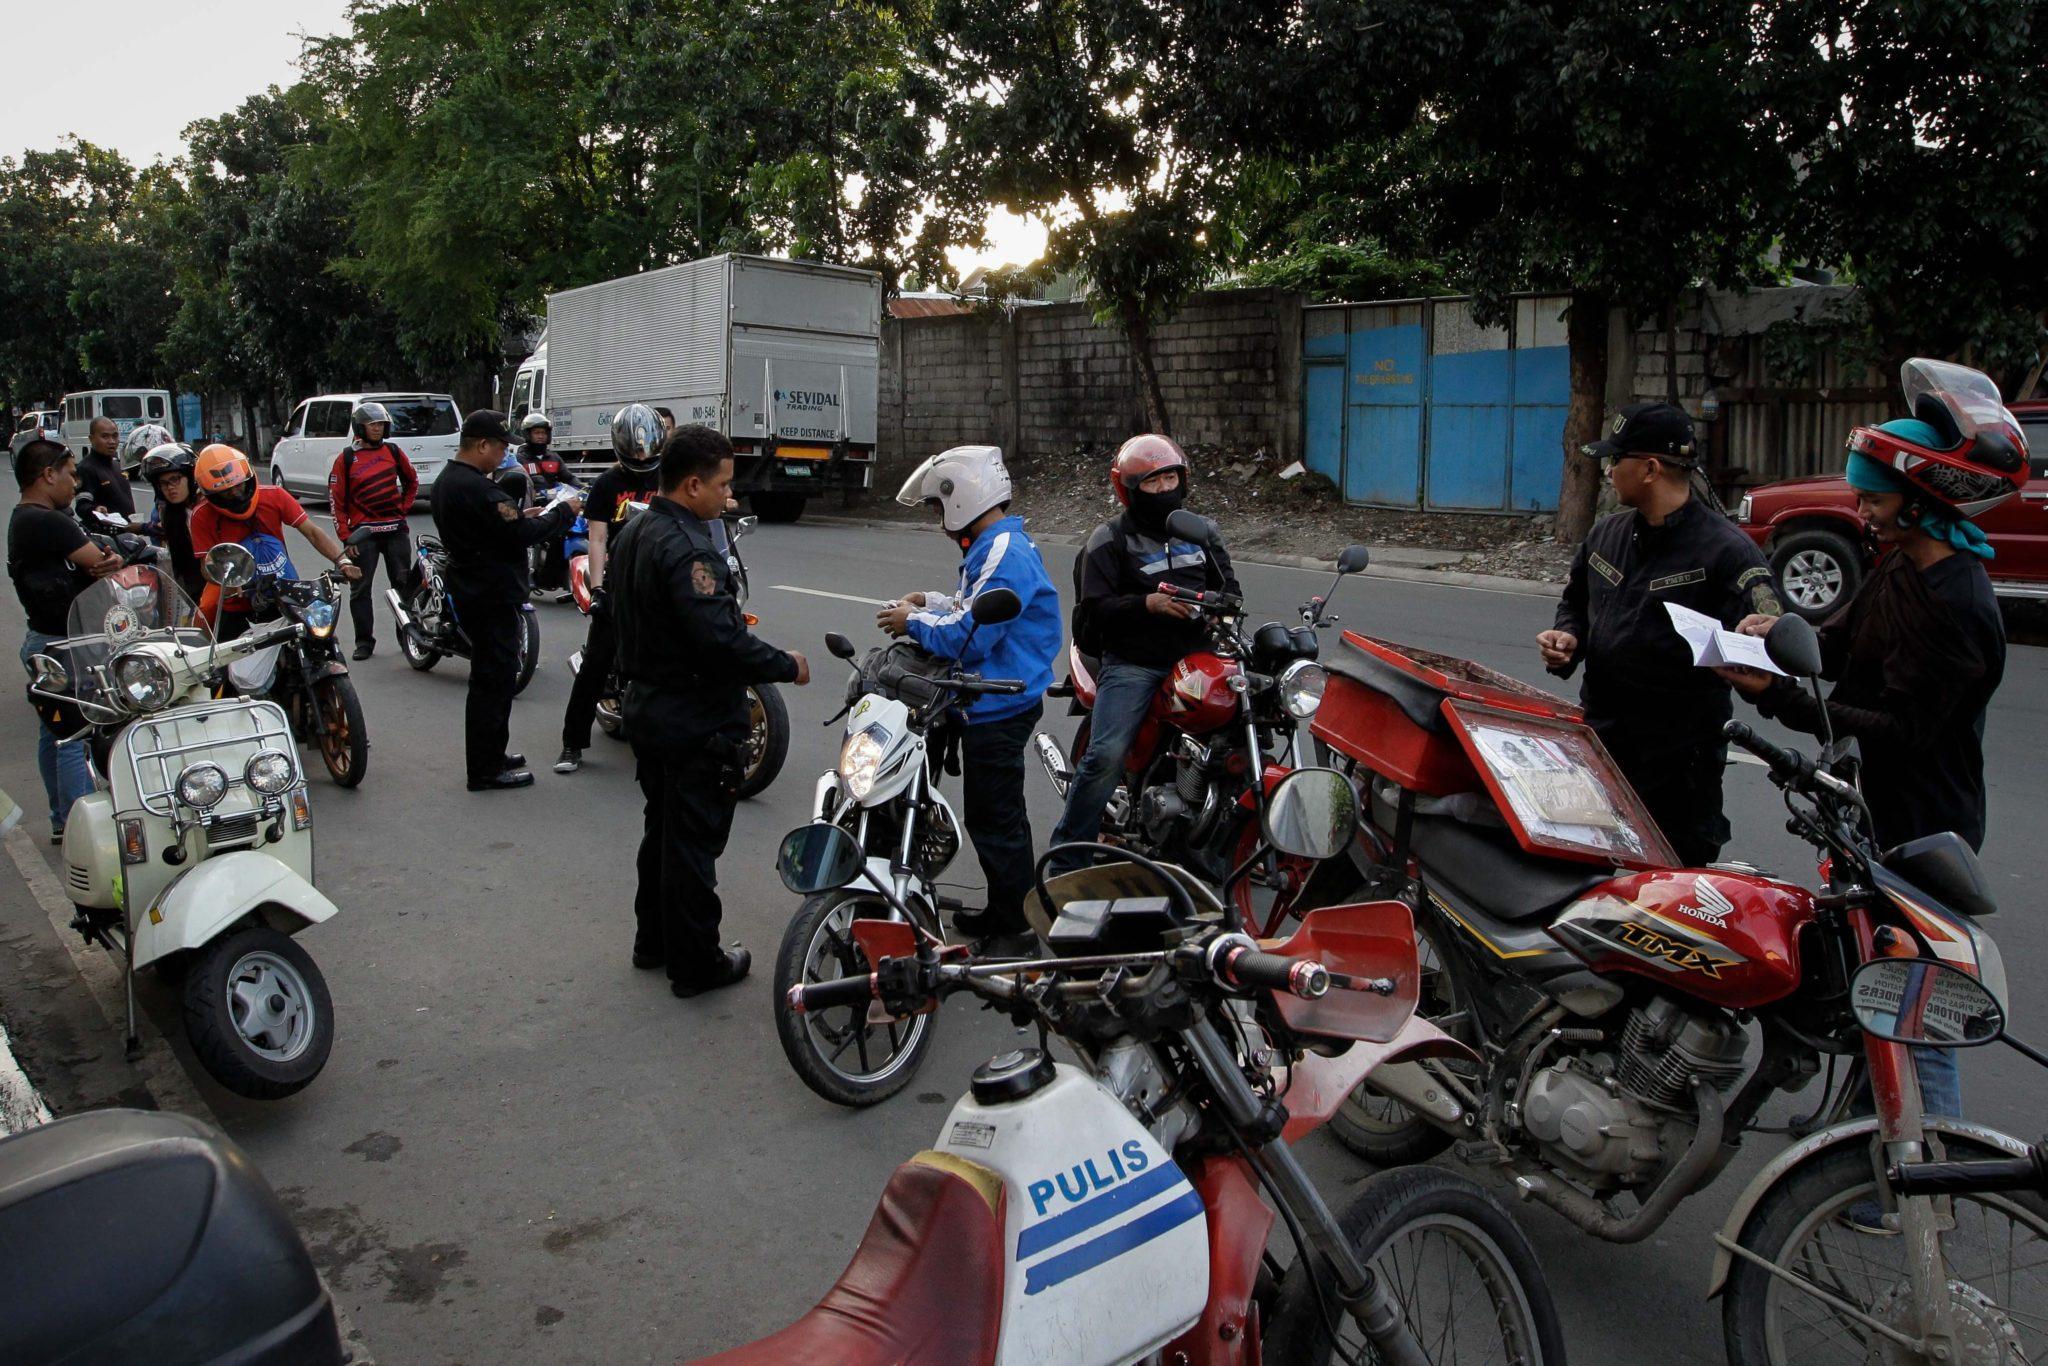 Filipiny: mobilizacja policji  w trakcie alarmu przeciwterrorystycznego w Manili (foto. PAP/EPA/MARK R. CRISTINO)